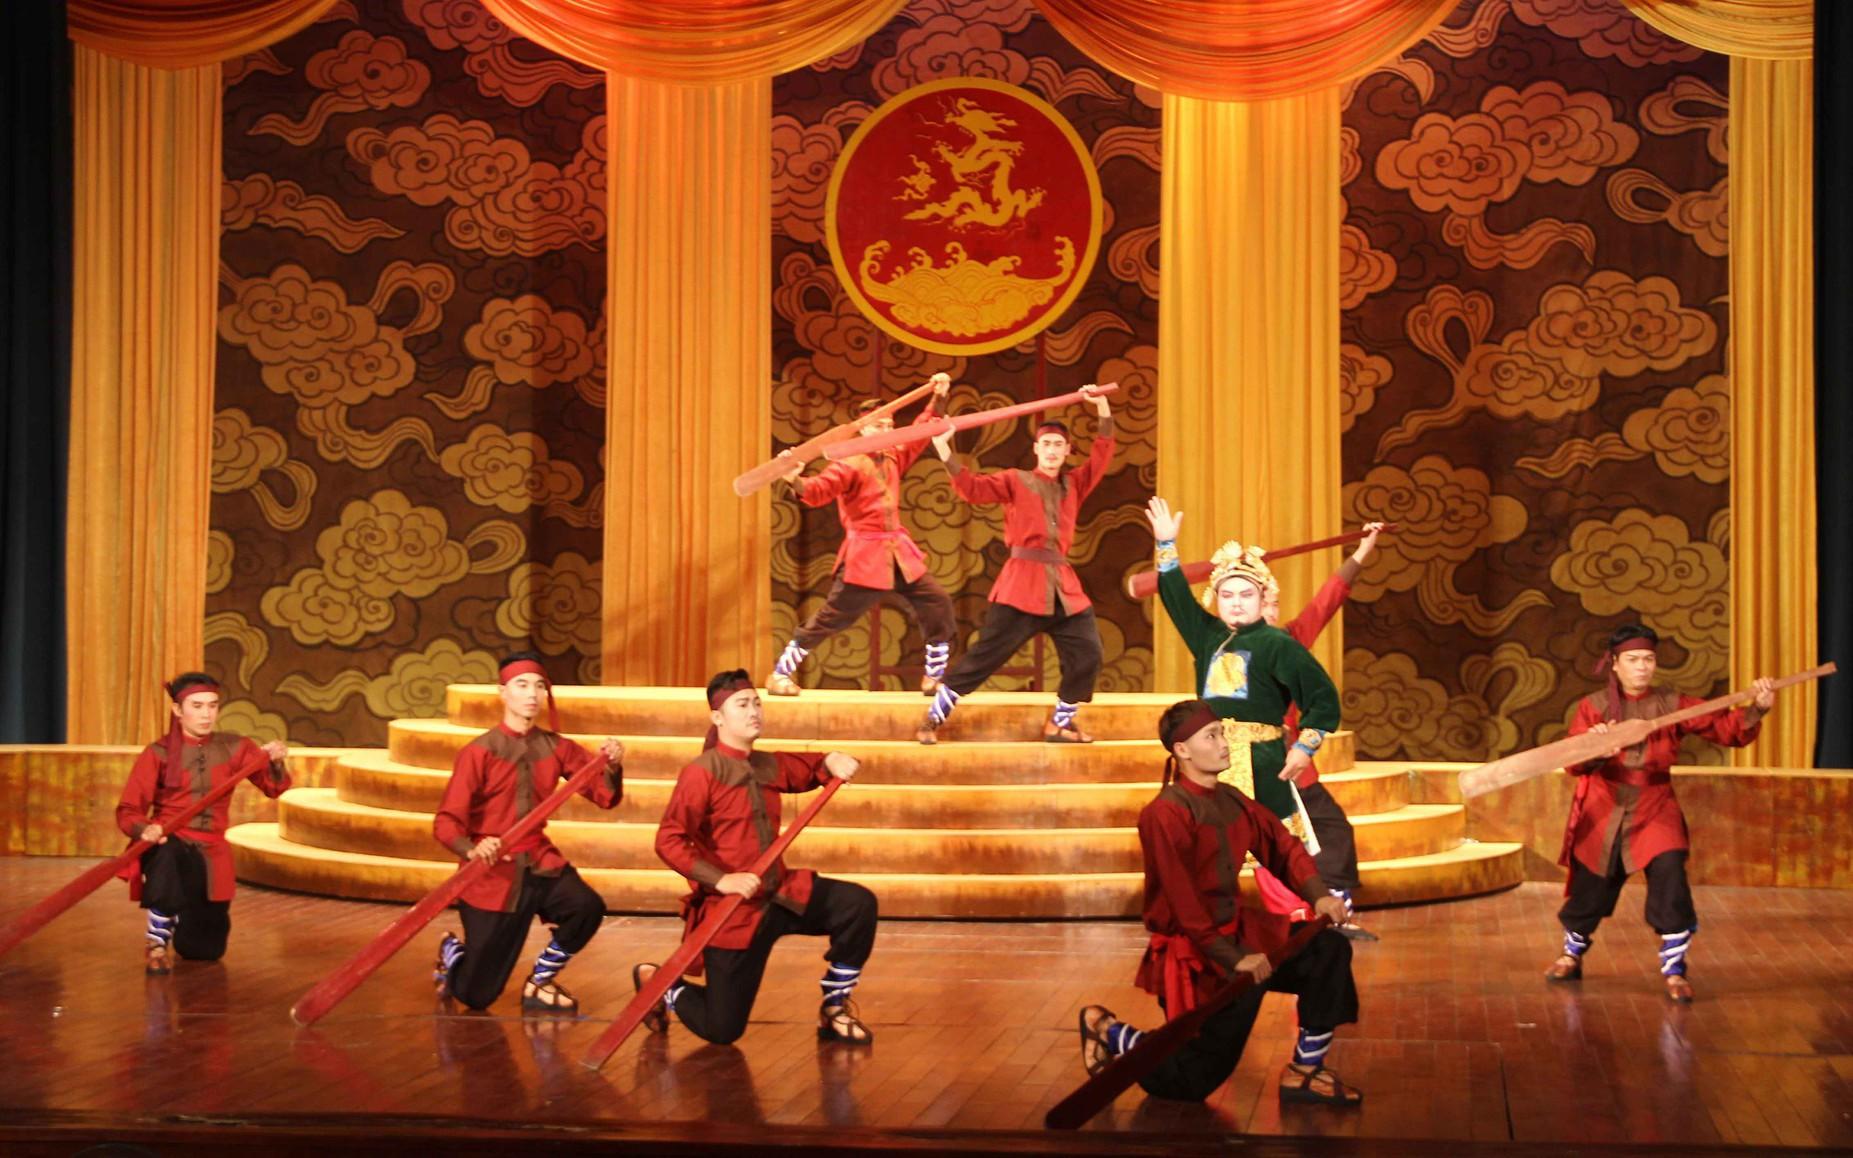 Thứ trưởng Lê Khánh Hải dự Khai mạc Liên hoan Sân khấu Tuồng và Dân ca kịch toàn quốc